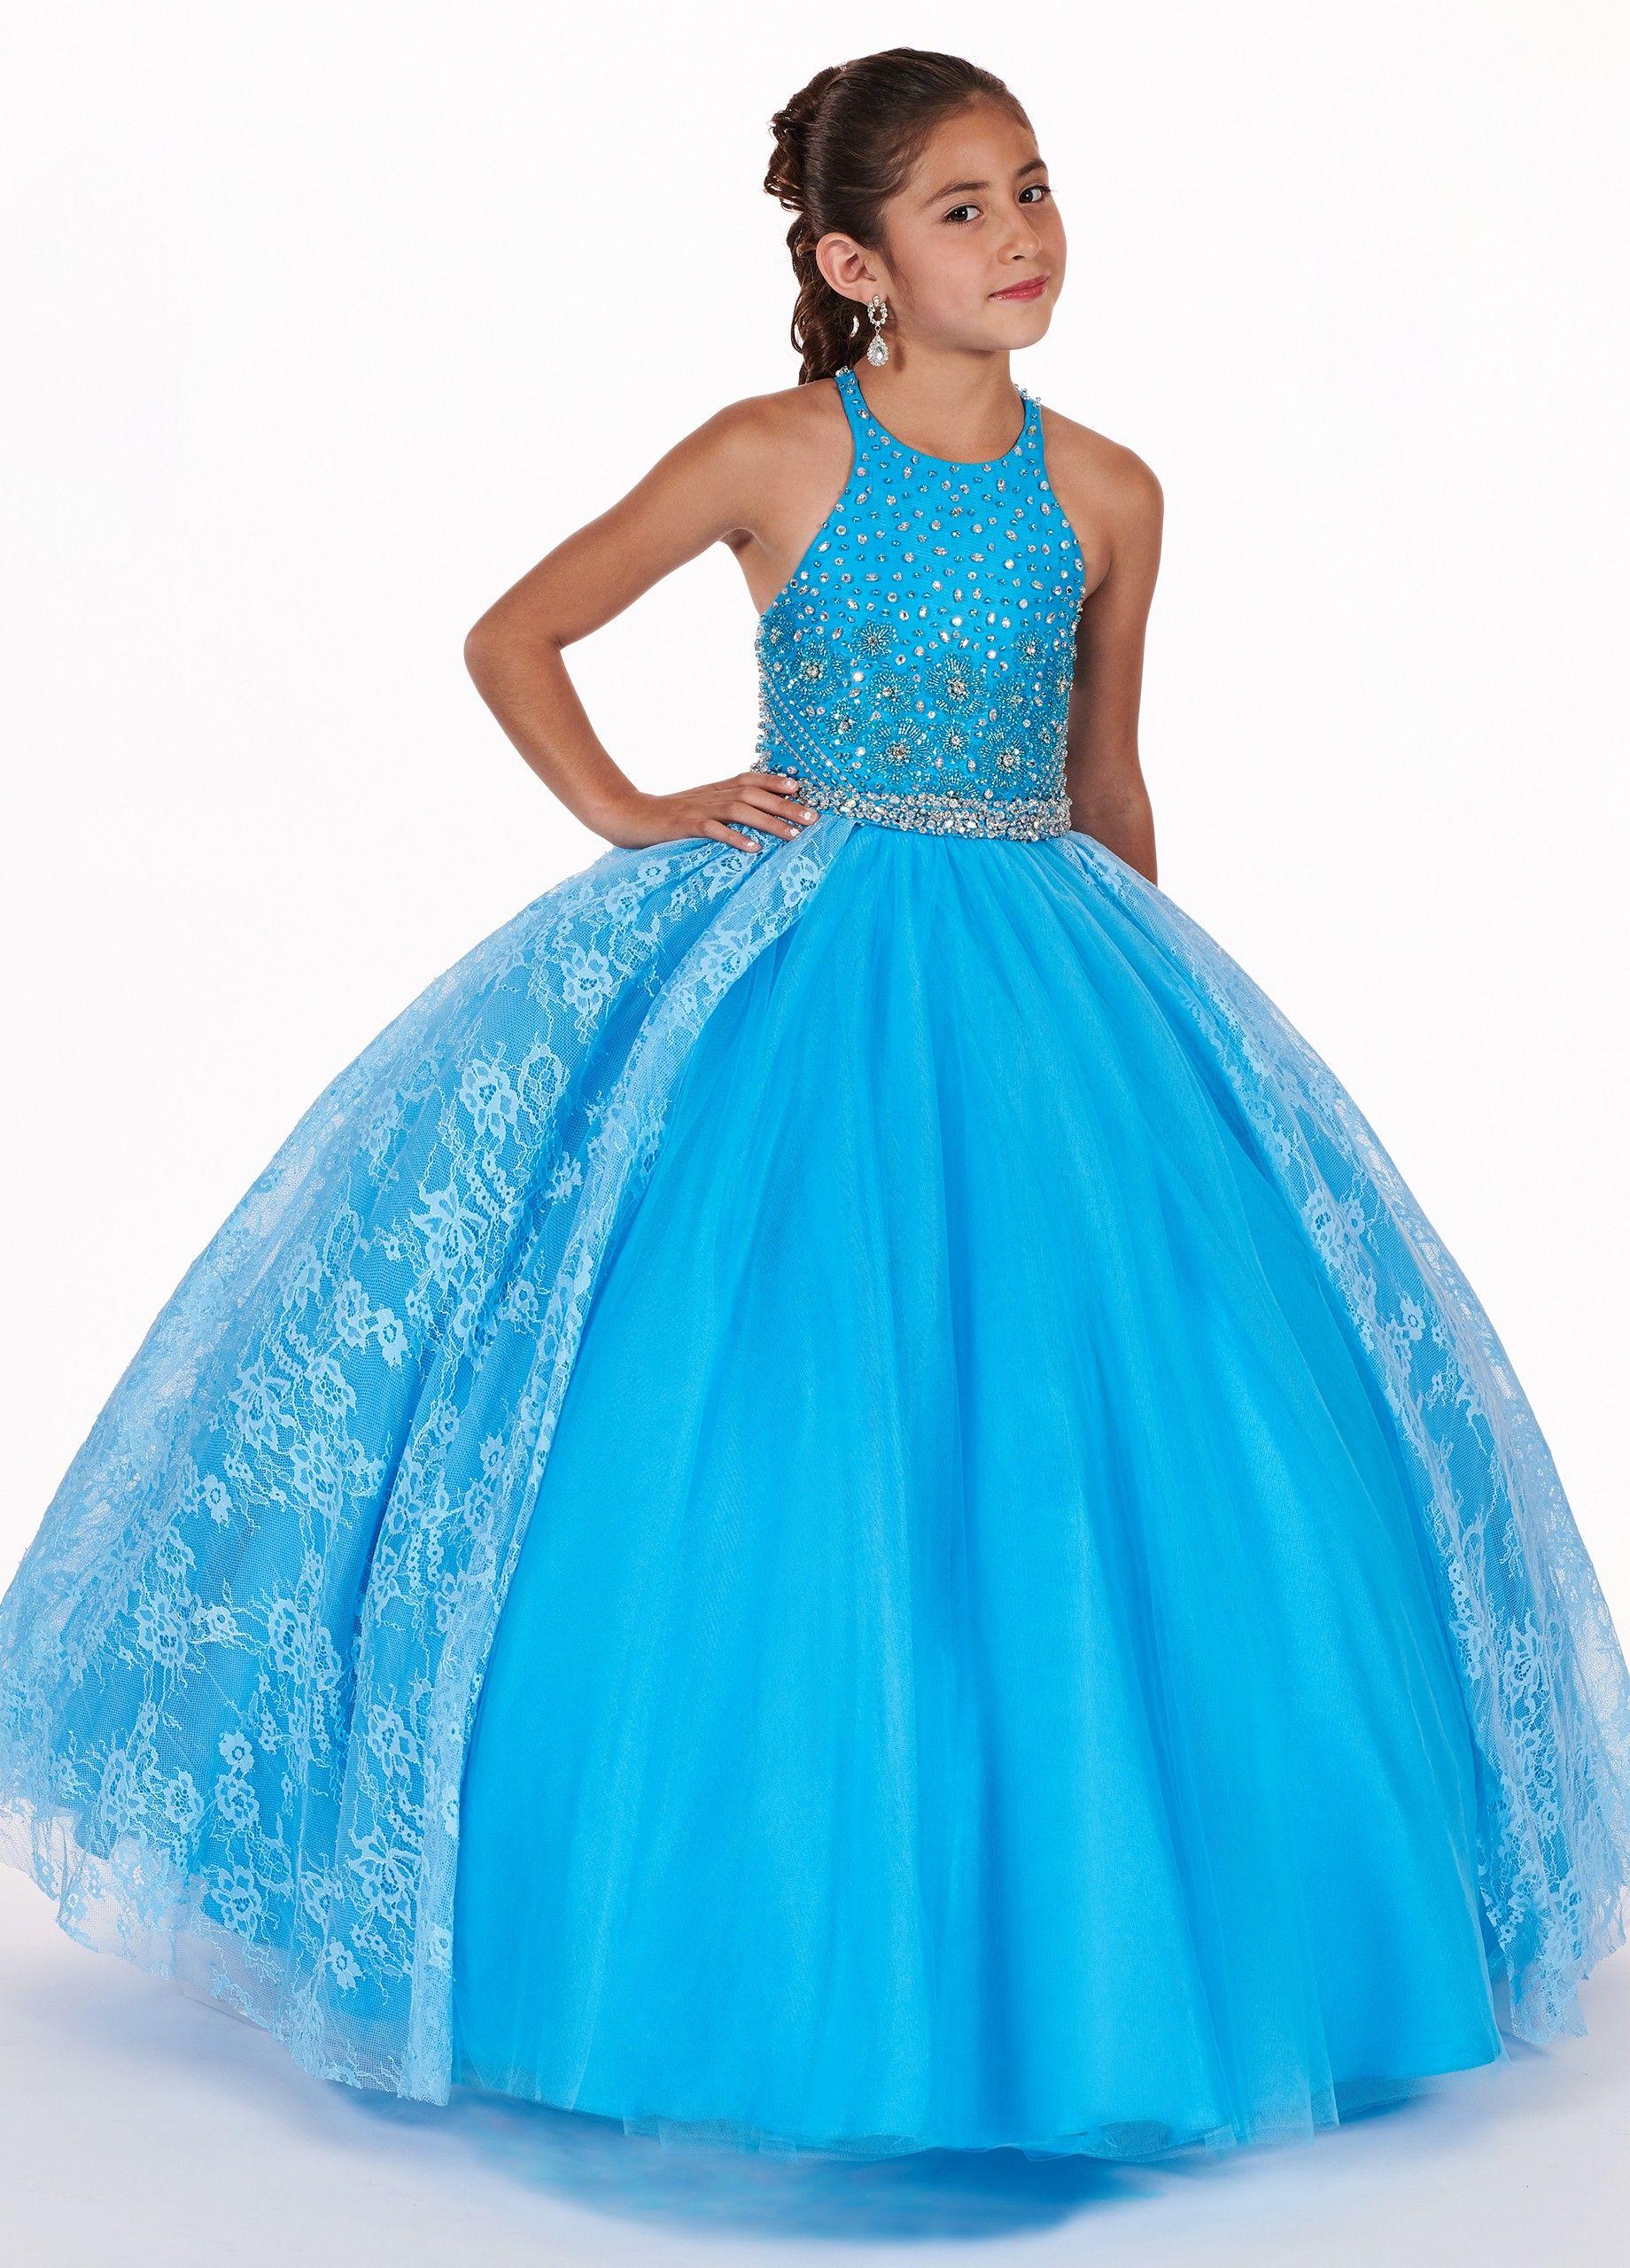 Compre Vestidos De Gala Elegantes De Encaje Vestidos Para Niñas Vestidos 2019 Barato Joya Larga Tulle Princesa Diseñador Crystal Girls Vestido Formal